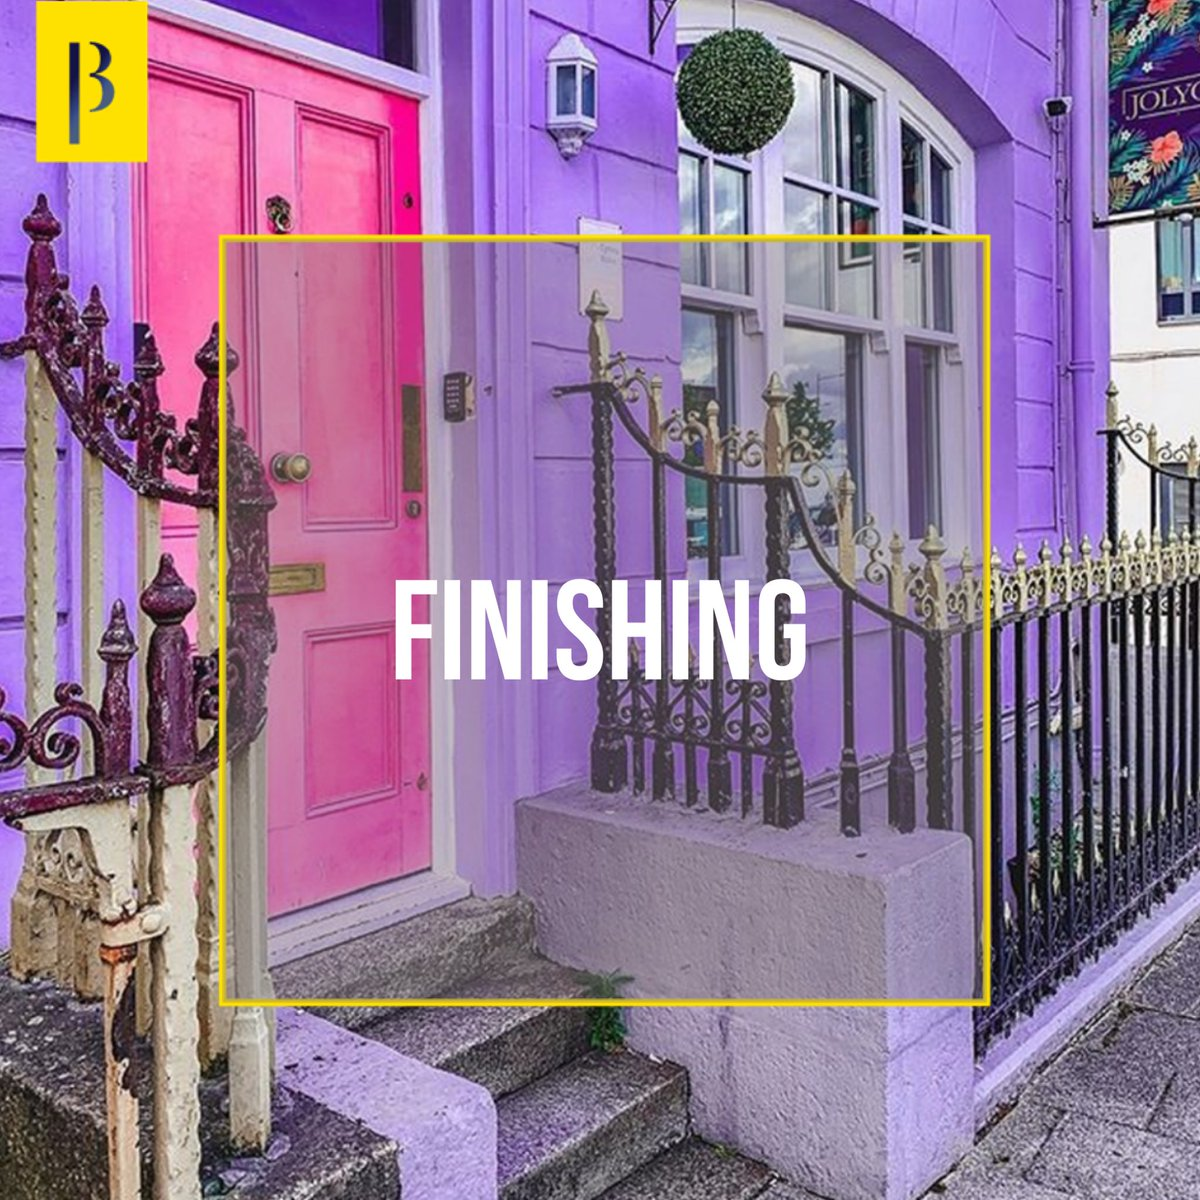 """تعرف على مصطلحات معمارية ••• """"FINISHING"""" - """"تنعيم، إنهاء"""" ... مصطلح يقصد به الأعمال النهائية للمبنى https://t.co/fycYCqRKgU"""